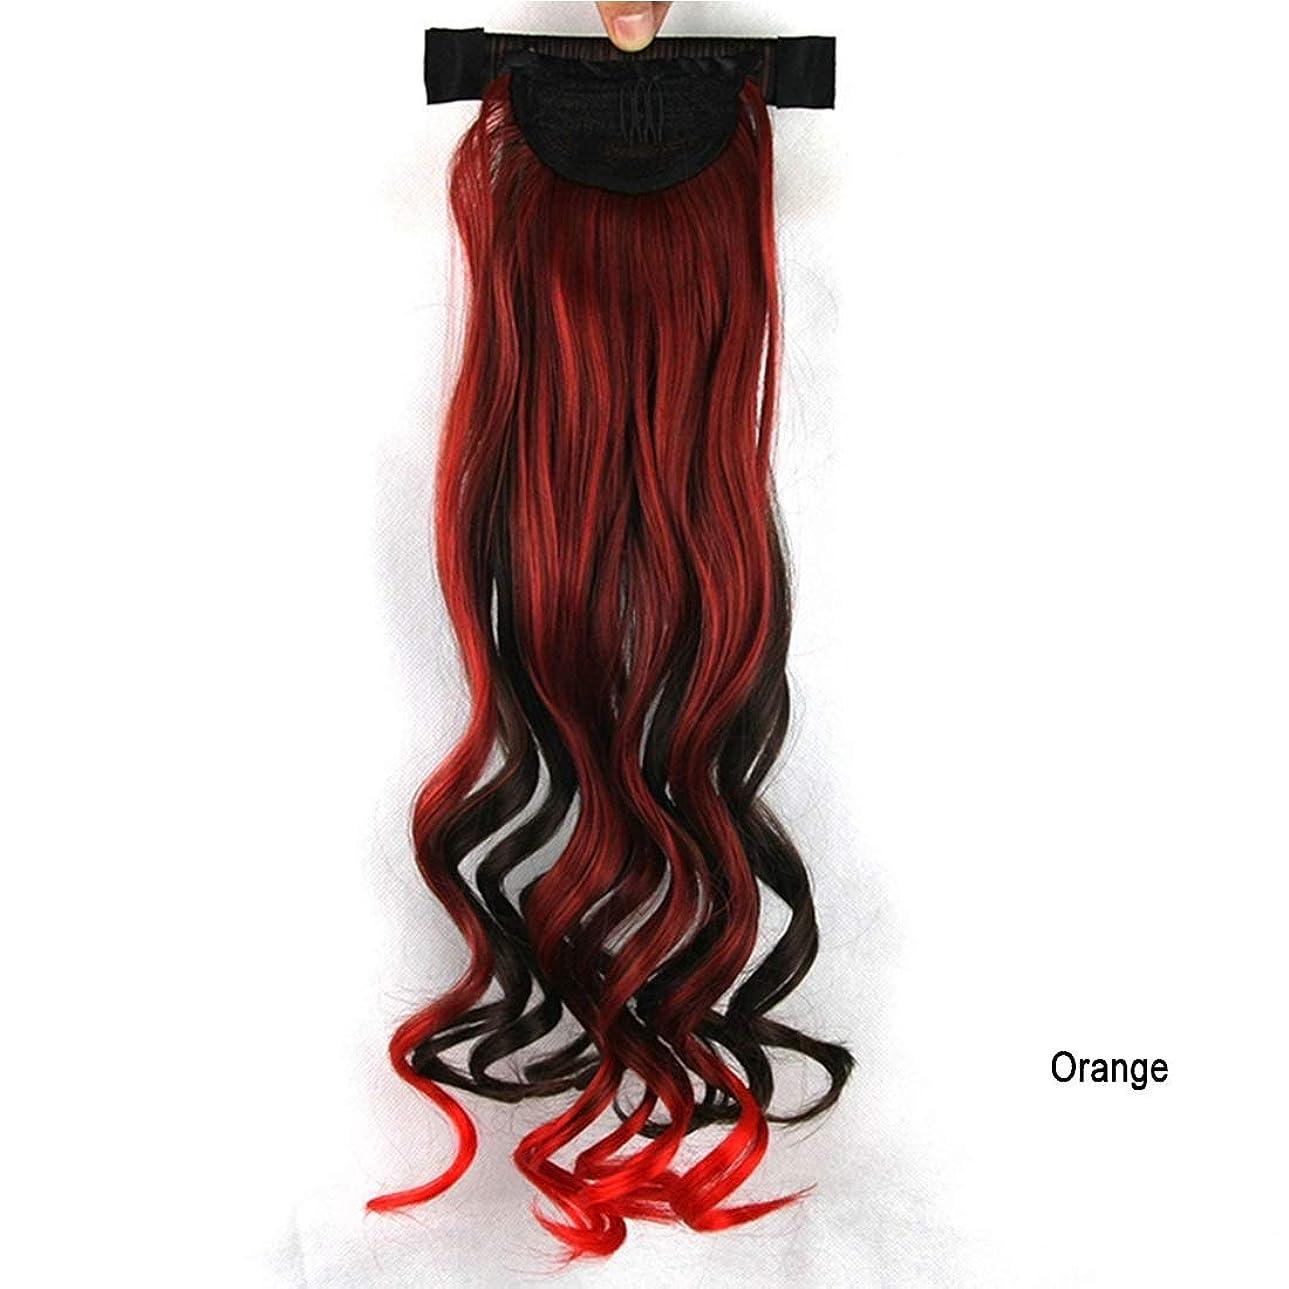 誤解させるポンプ土曜日Koloeplf 女の子 ヨーロッパとアメリカ ポニーテール 混合色 巻き髪 かつら 高温抵抗 自然 軽量 (Color : オレンジ)